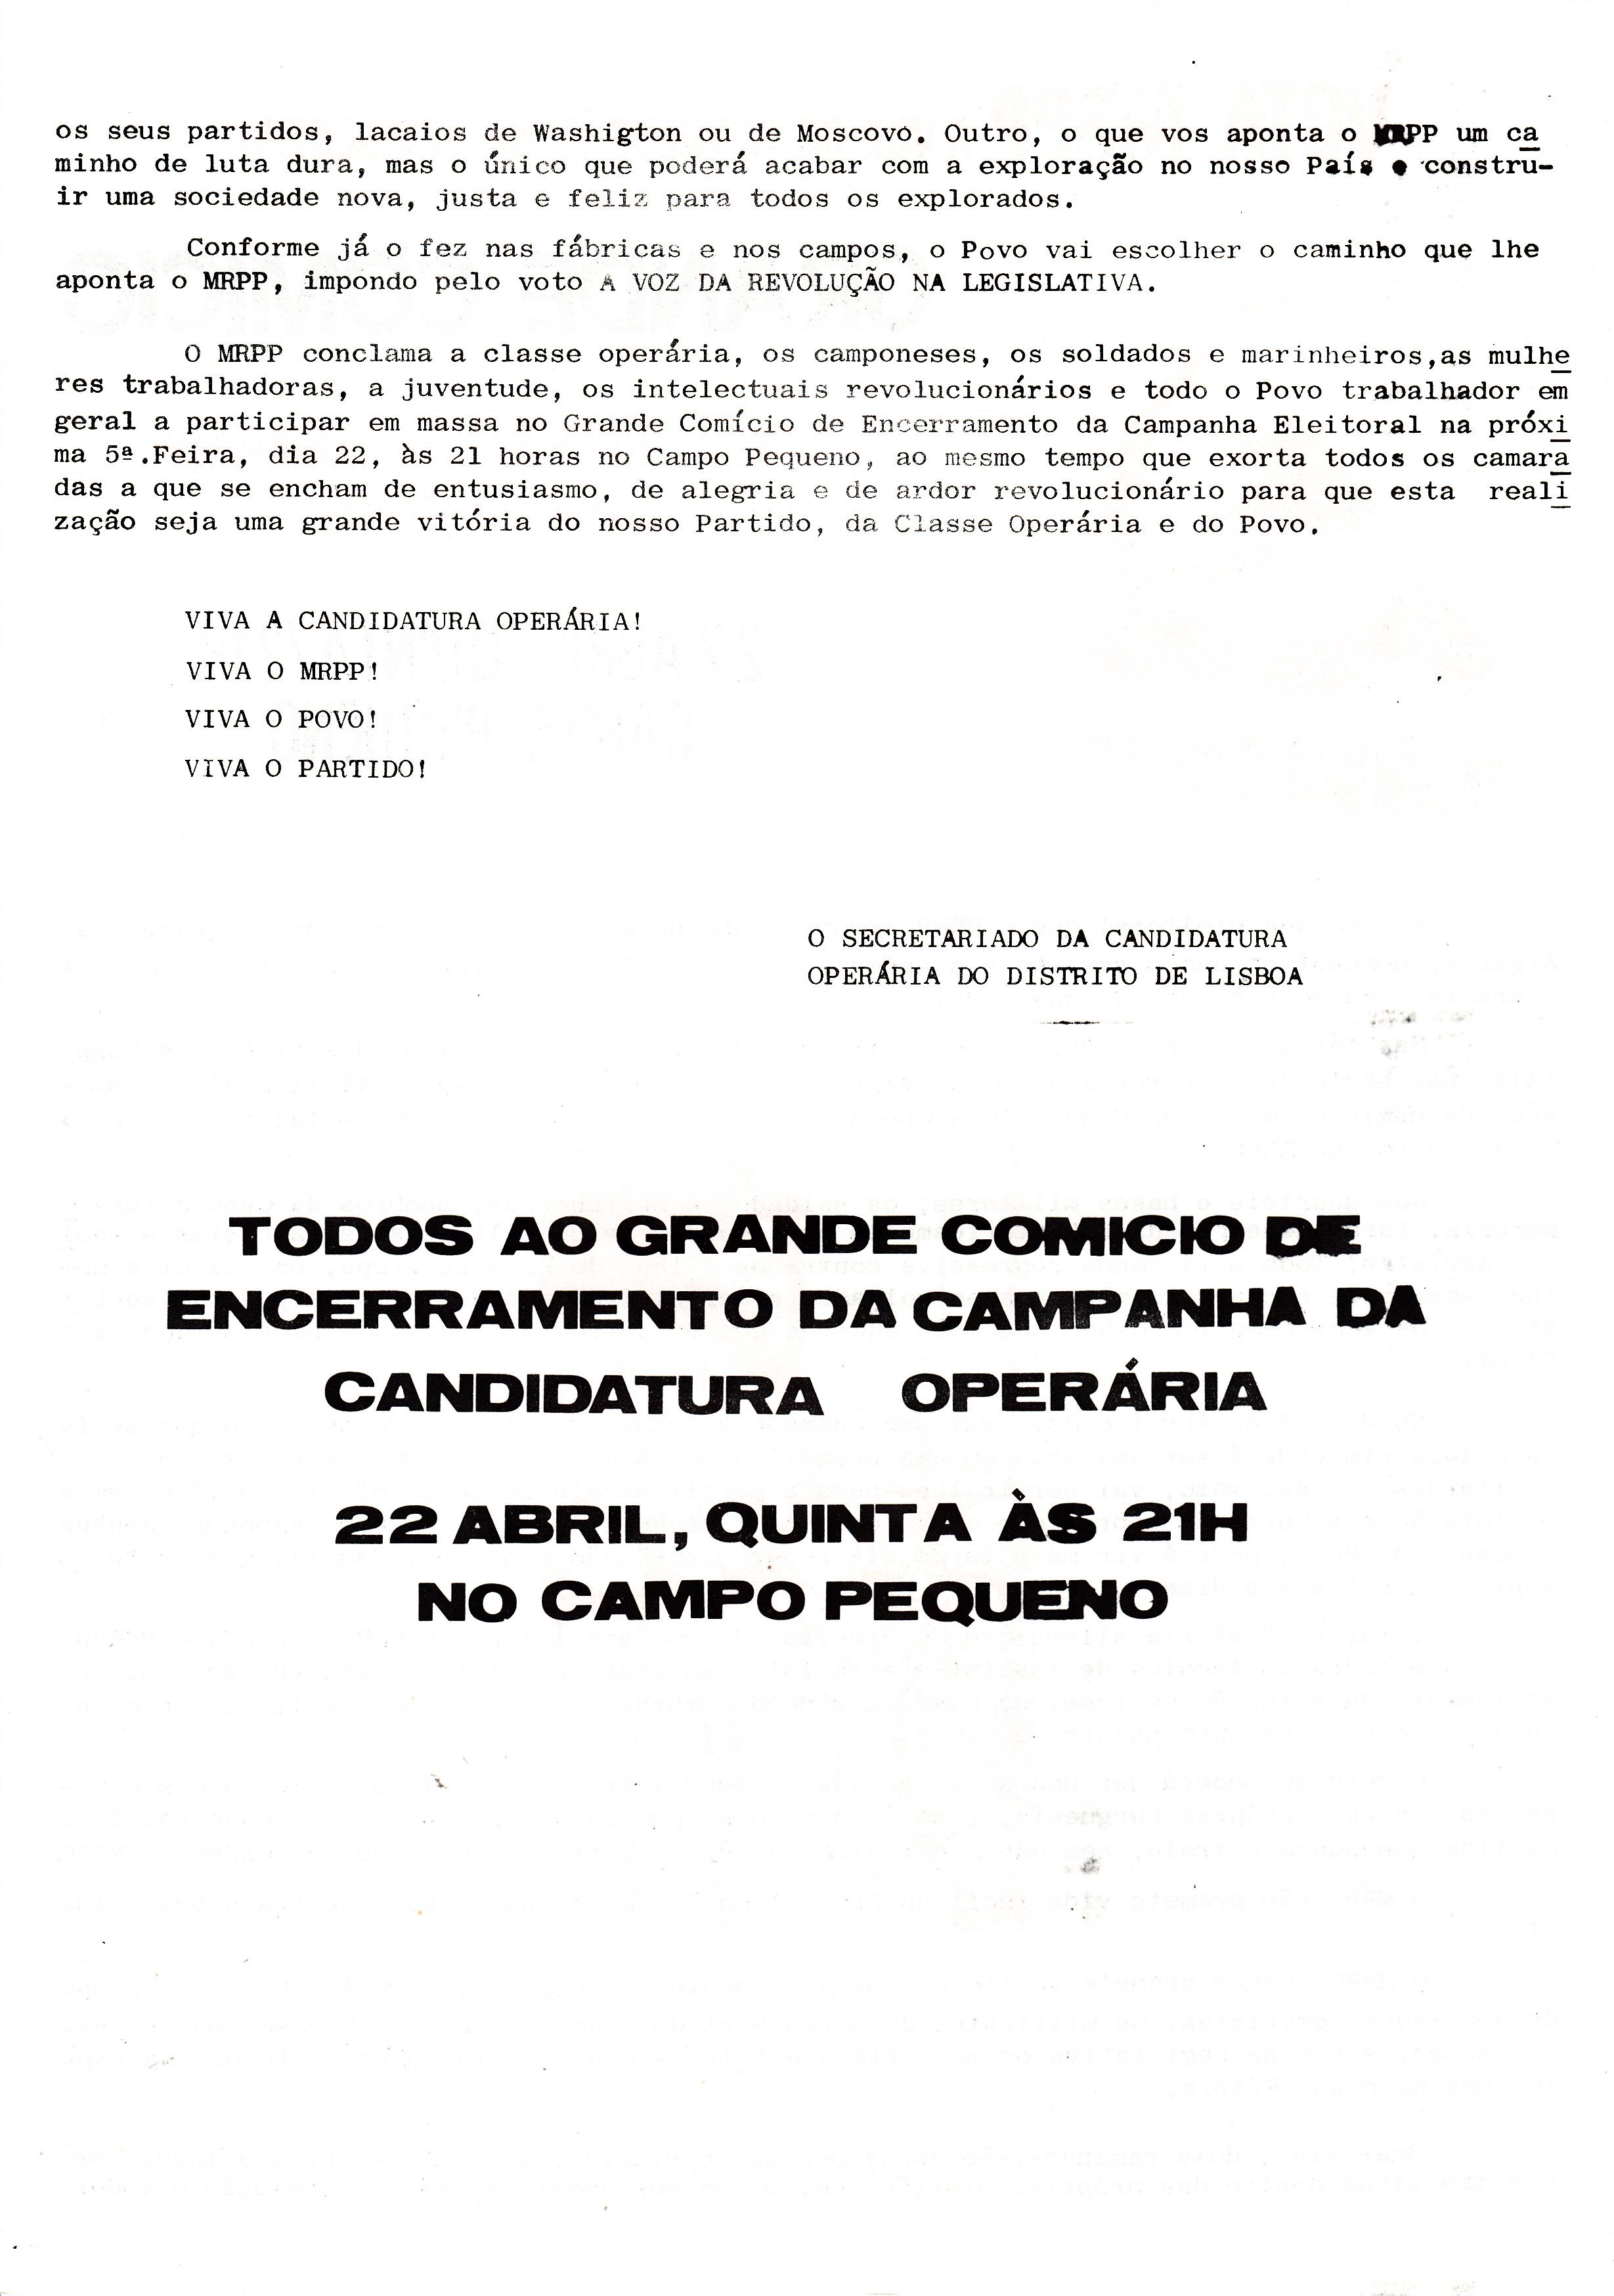 MRPP_1976_04_22_0002